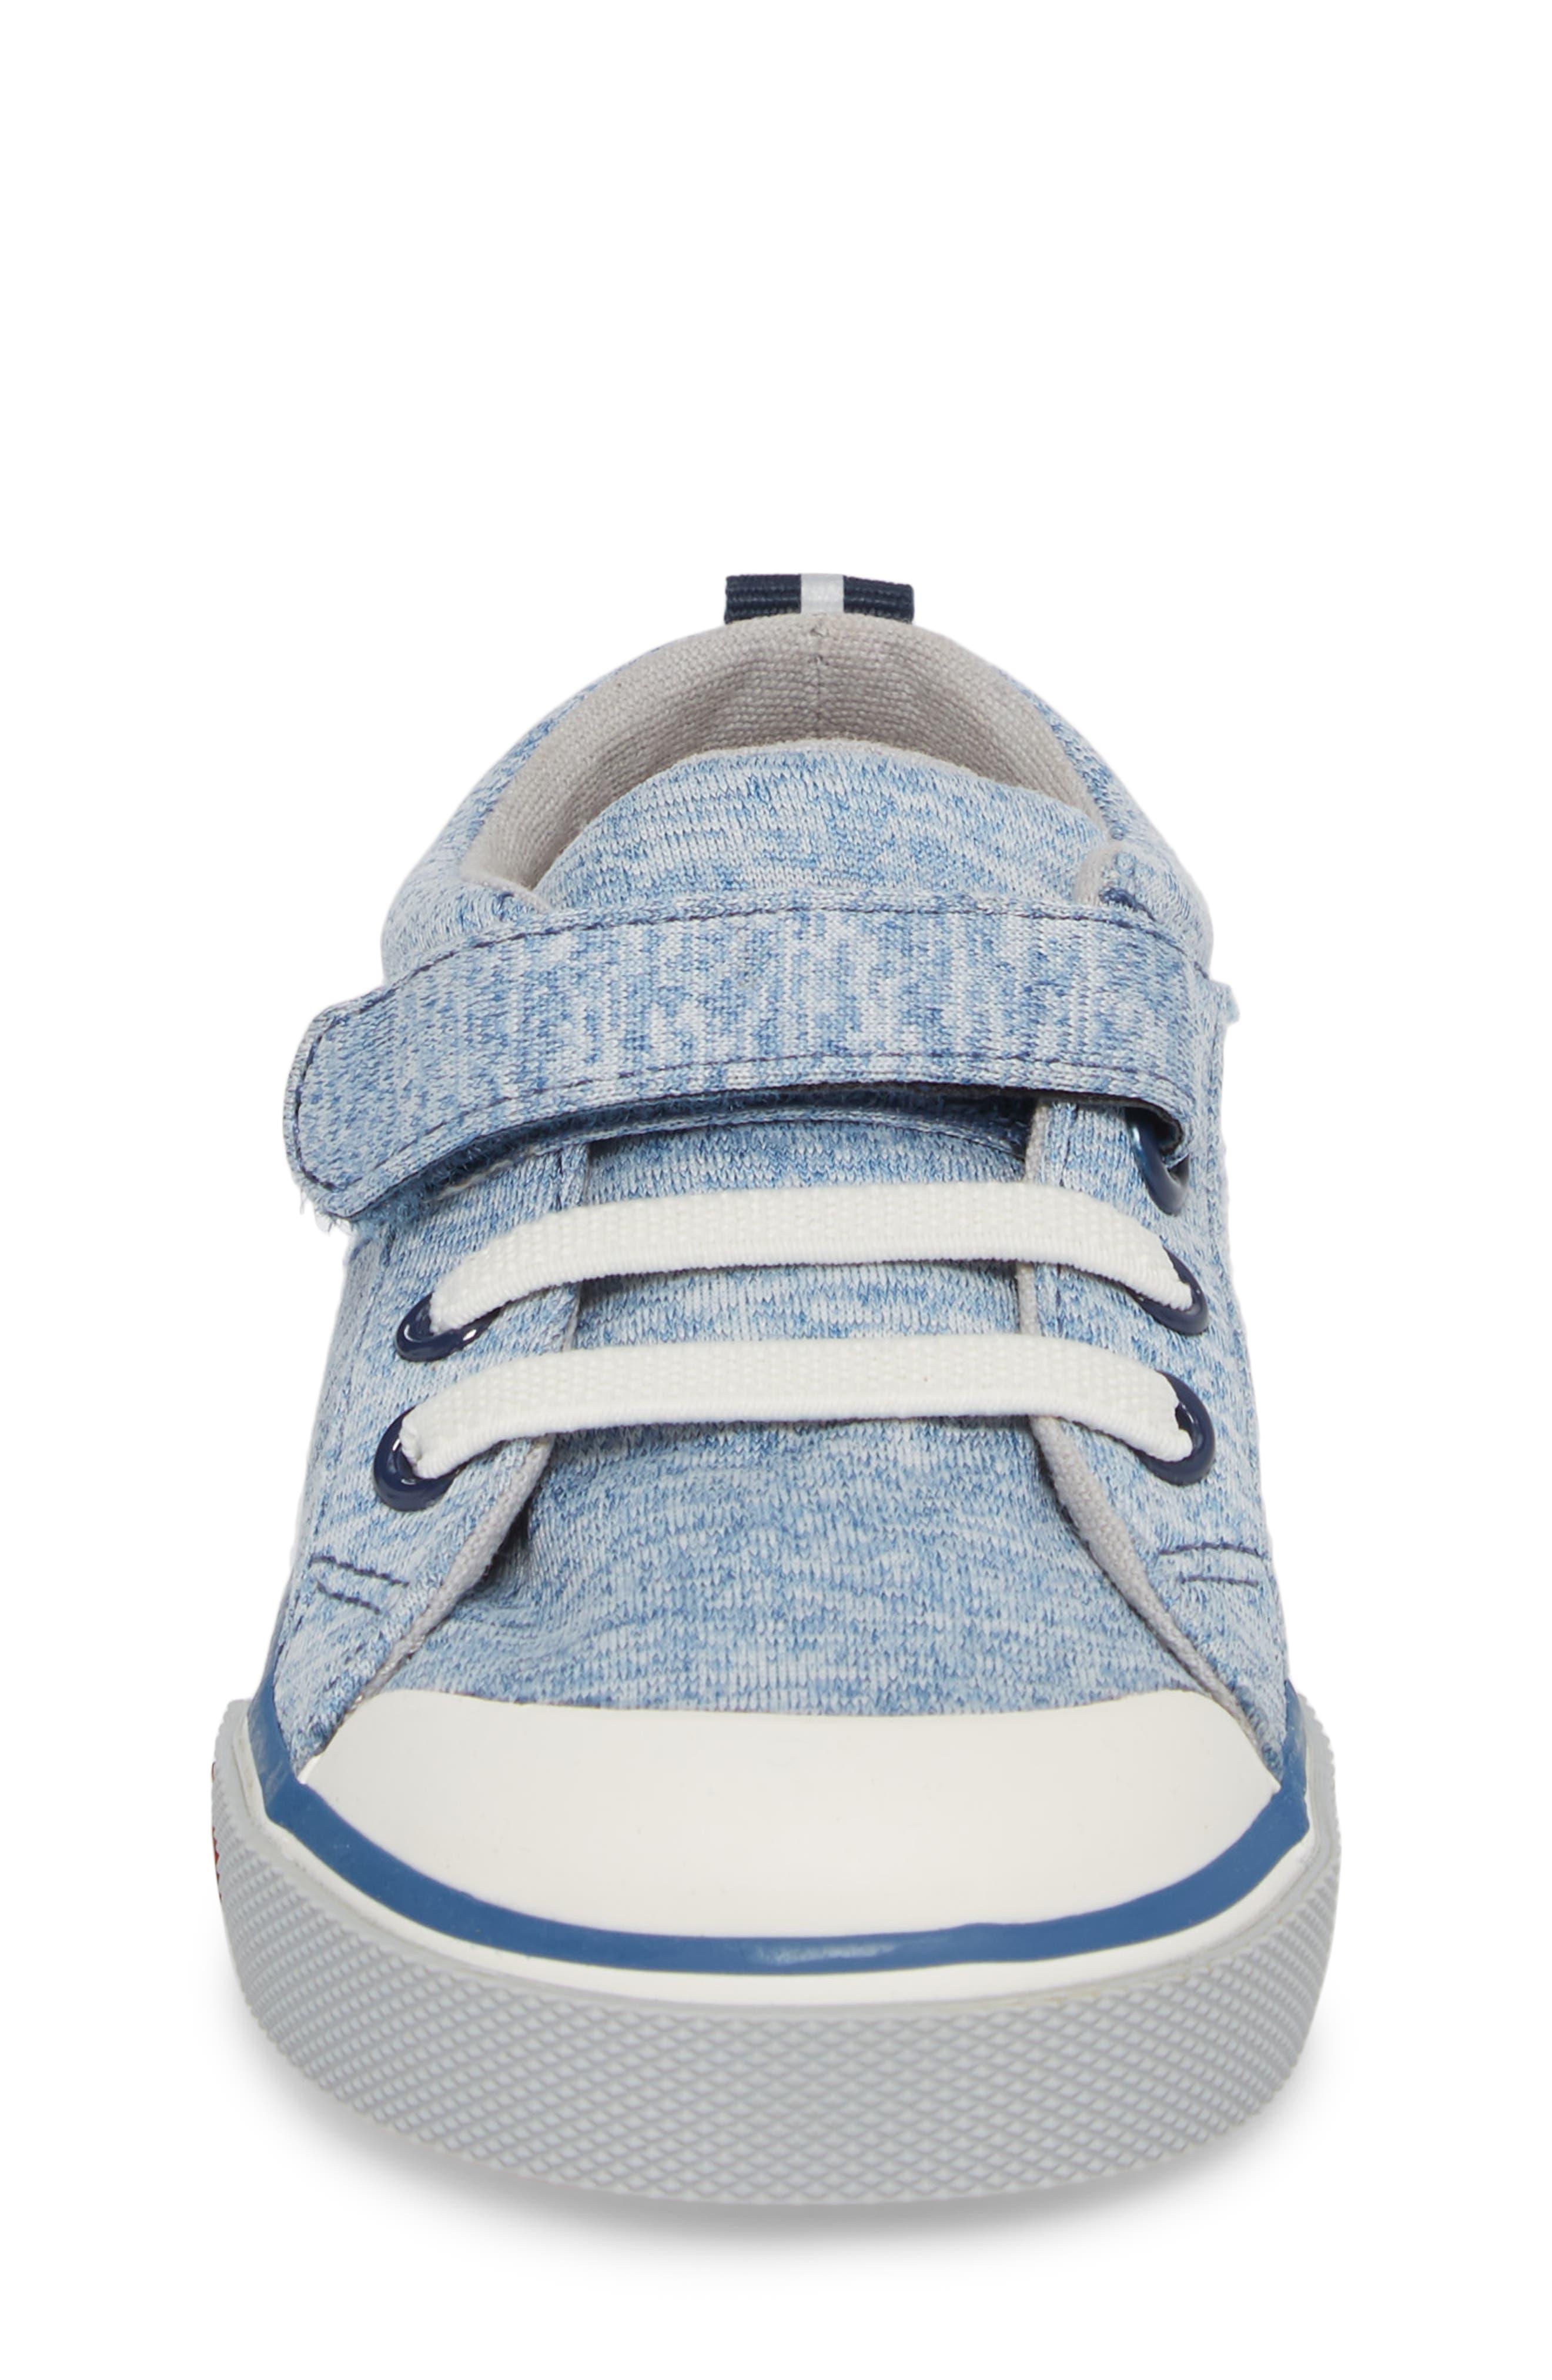 Tanner Sneaker,                             Alternate thumbnail 4, color,                             400